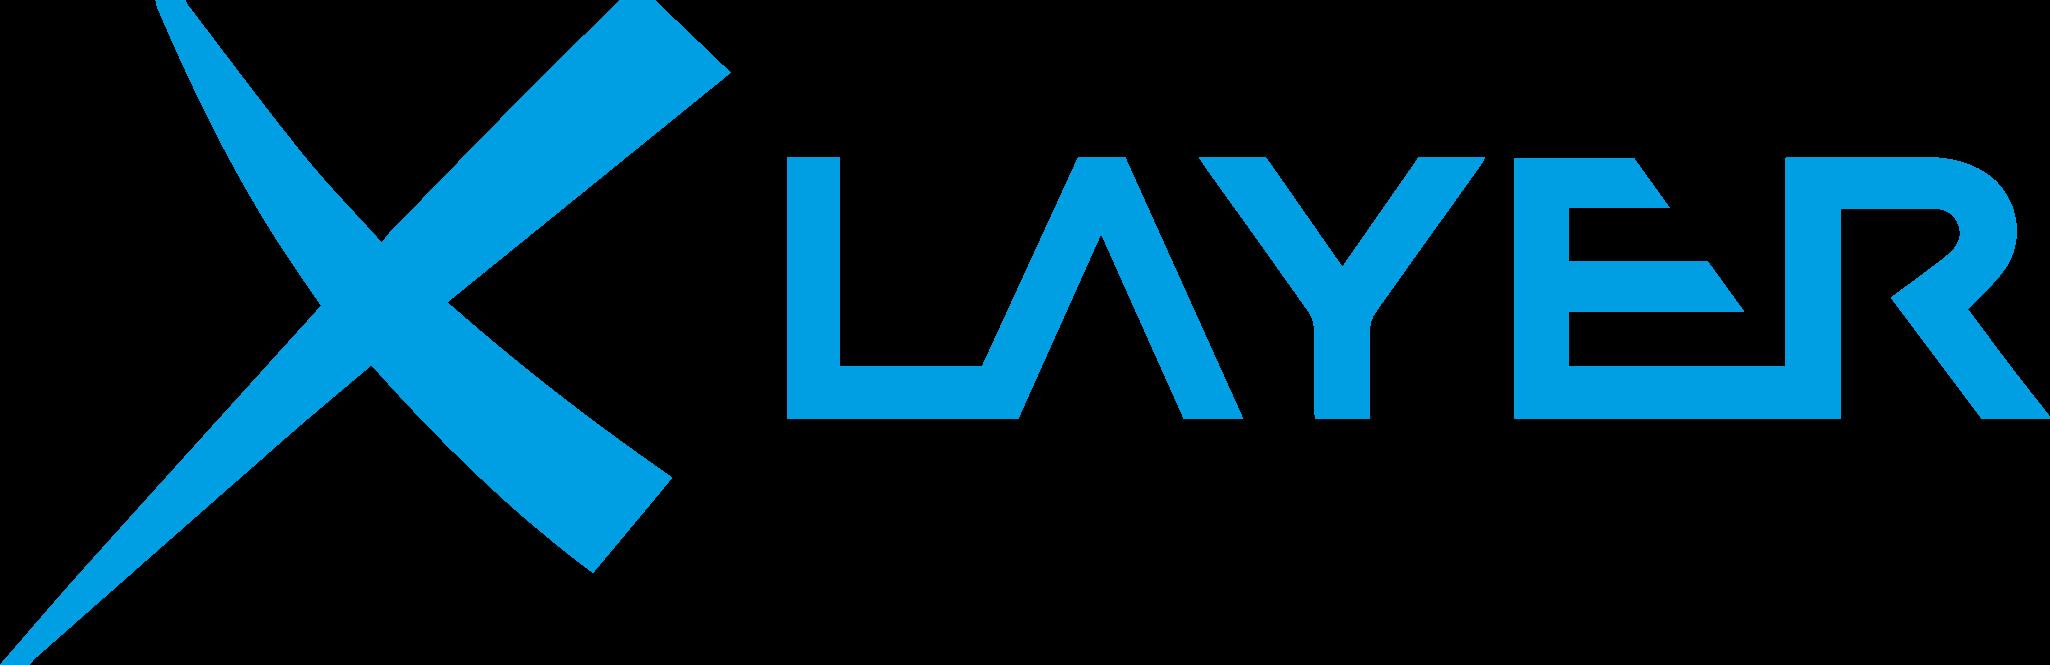 Xlayer